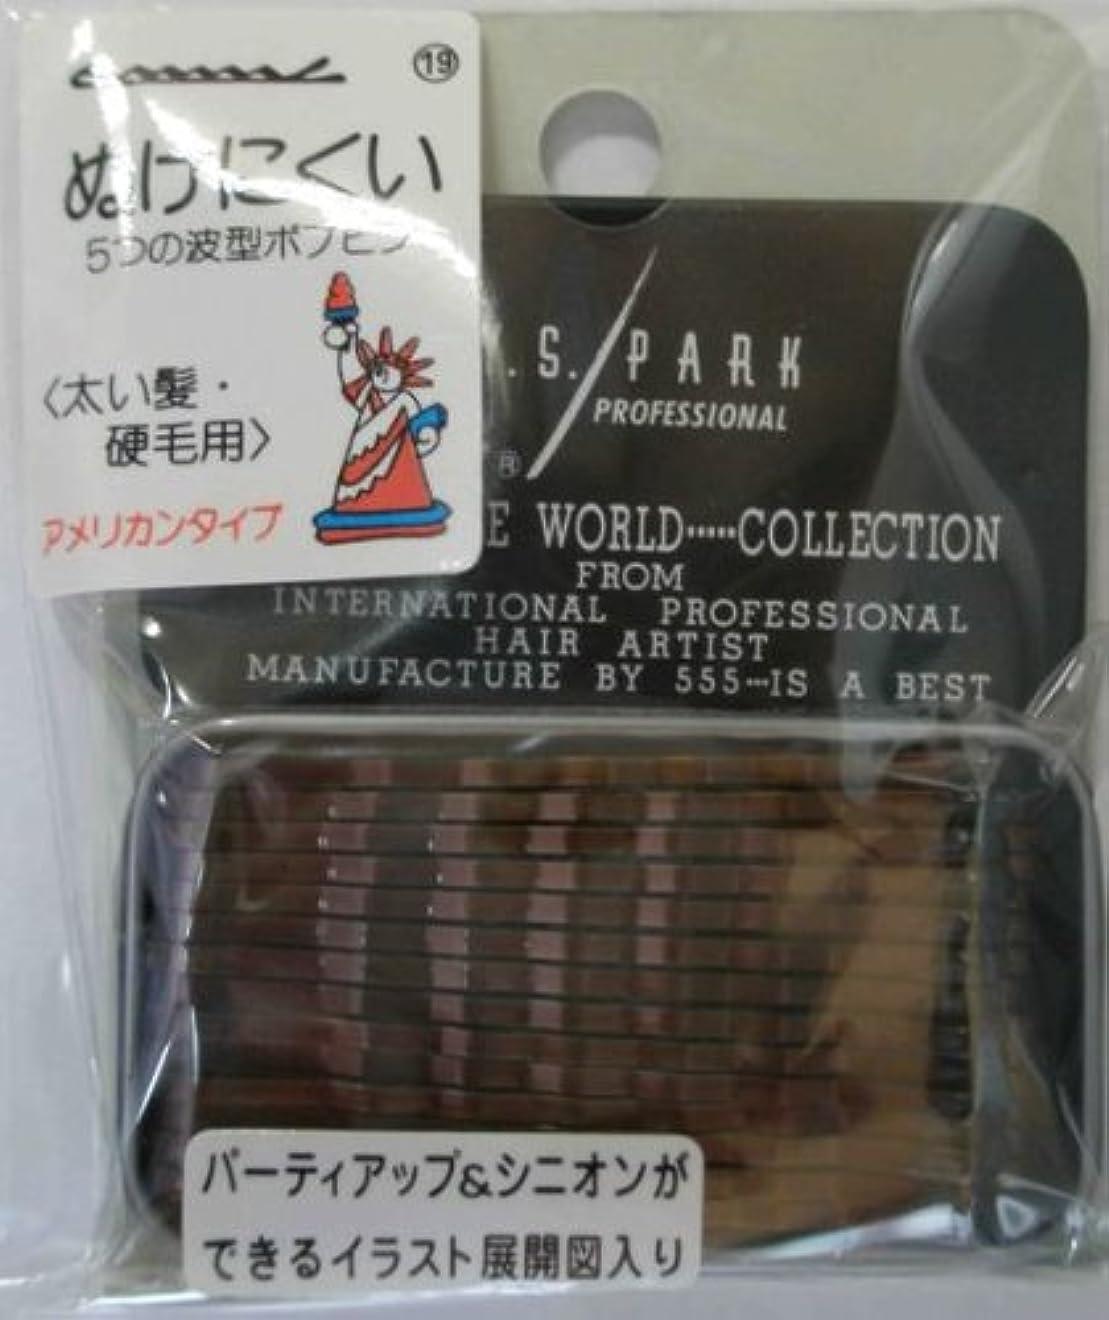 雑種滅びる意味するY.S.PARK世界のヘアピンコレクションNo.19(太い髪?硬毛用)アメリカンタイプ40P